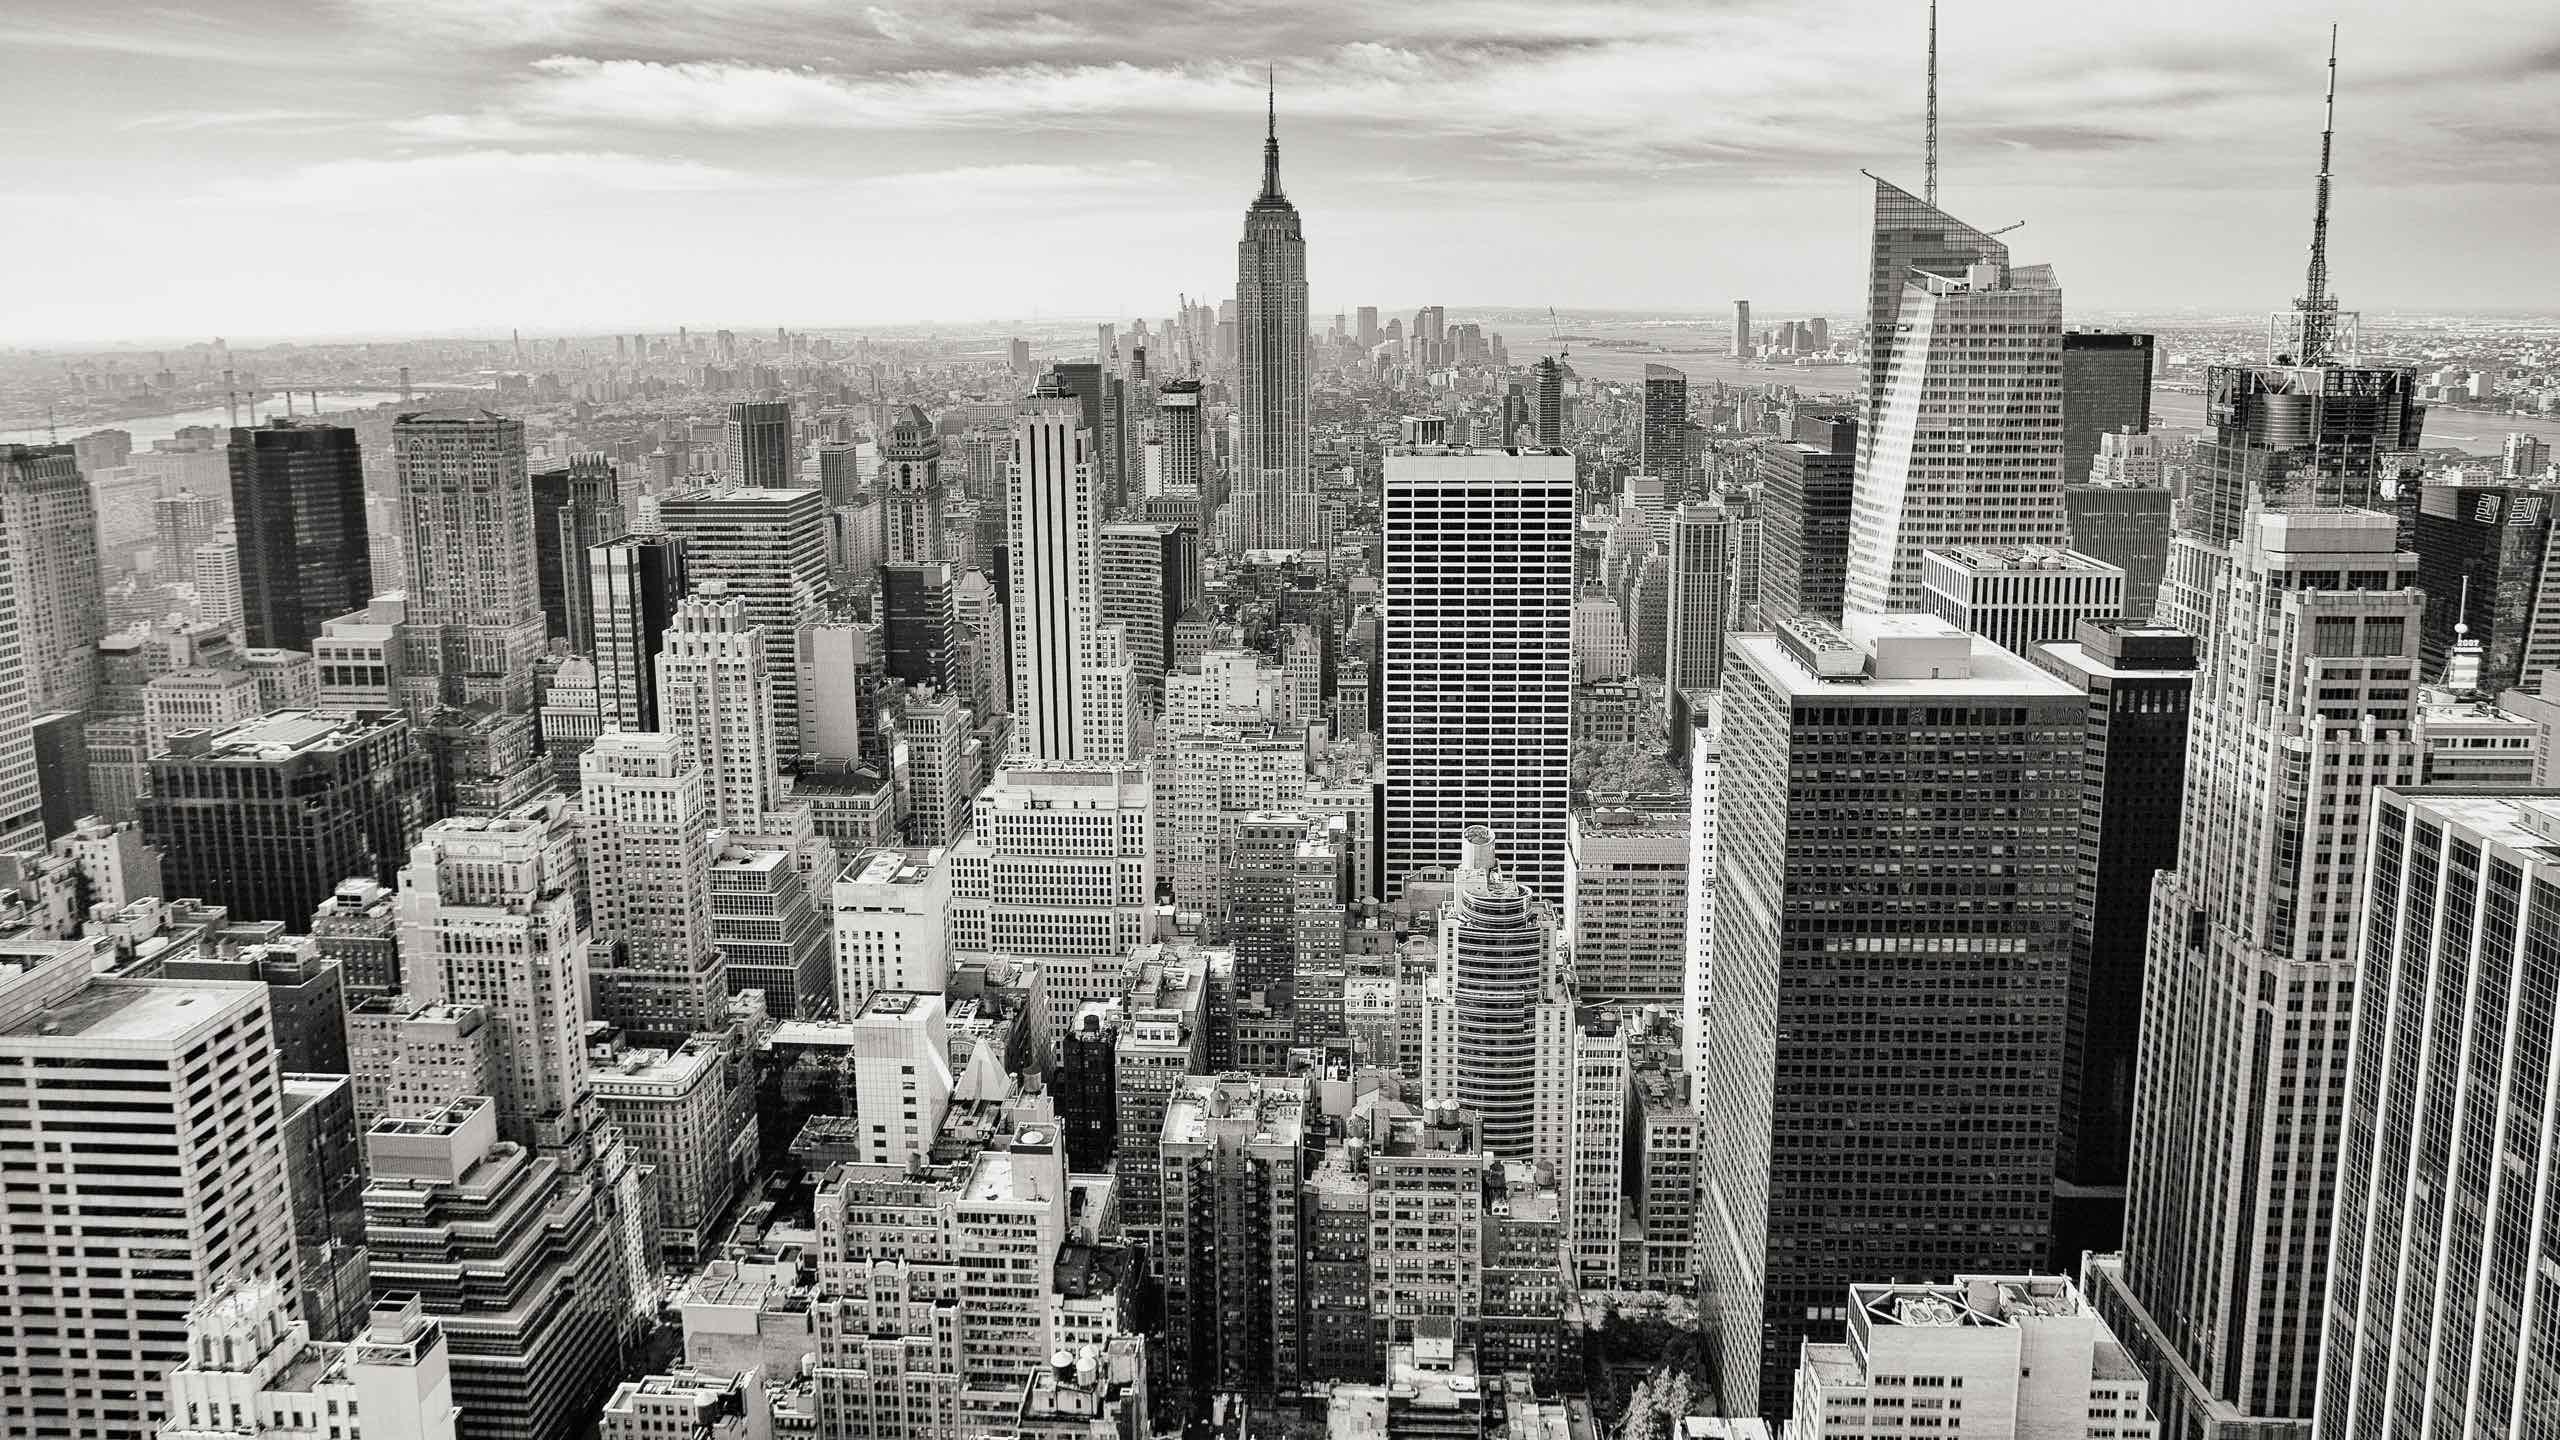 C&B CONSEILS conseille accompagne oriente chef entreprise dans leurs projets et l'optimisation de leur patrimoine professionnel / stratégie financière / financement